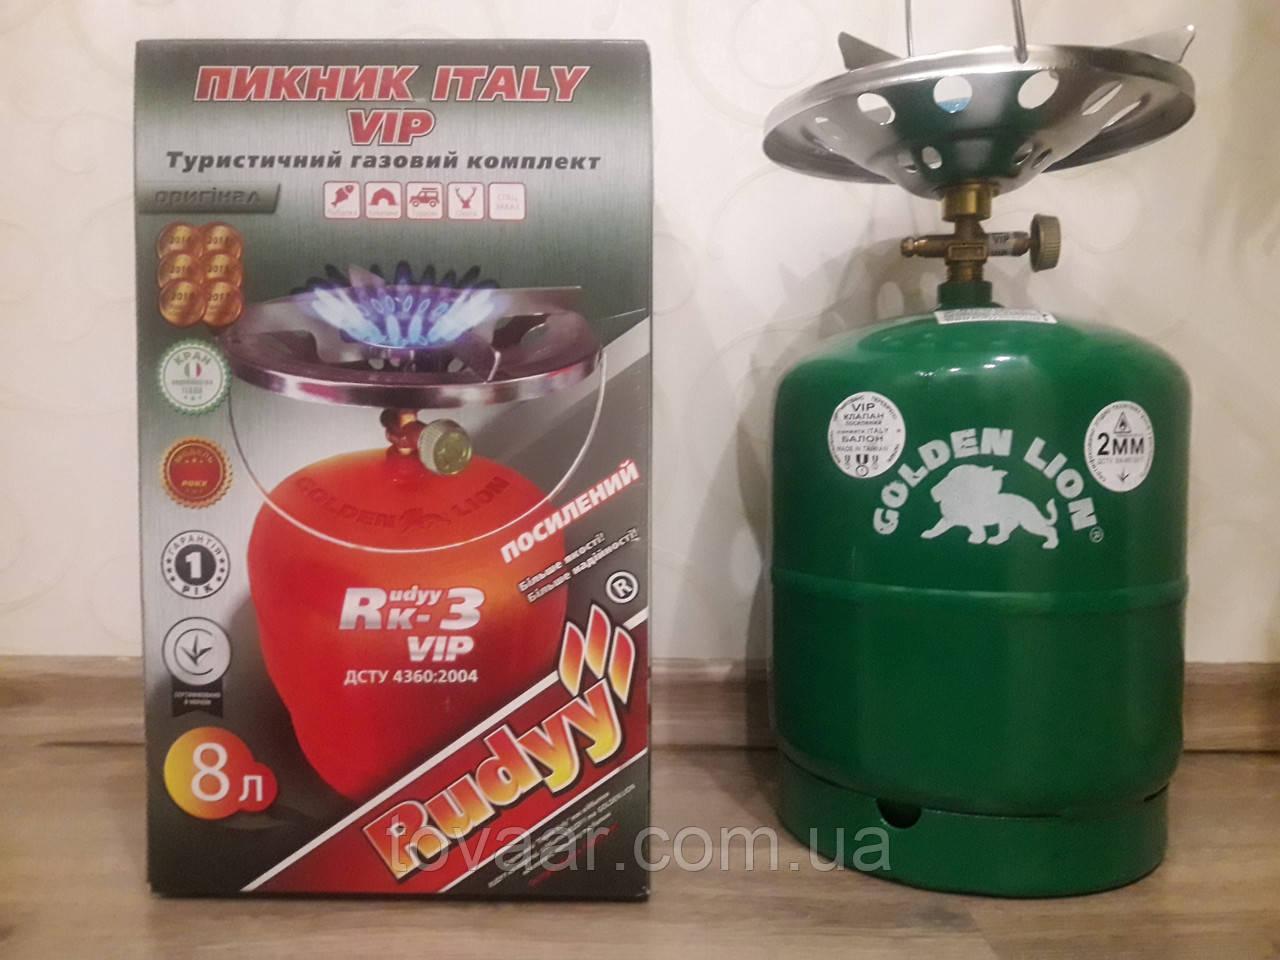 Газовий комплект Golden Lion VIP RUDYY Rk-3 (8л)